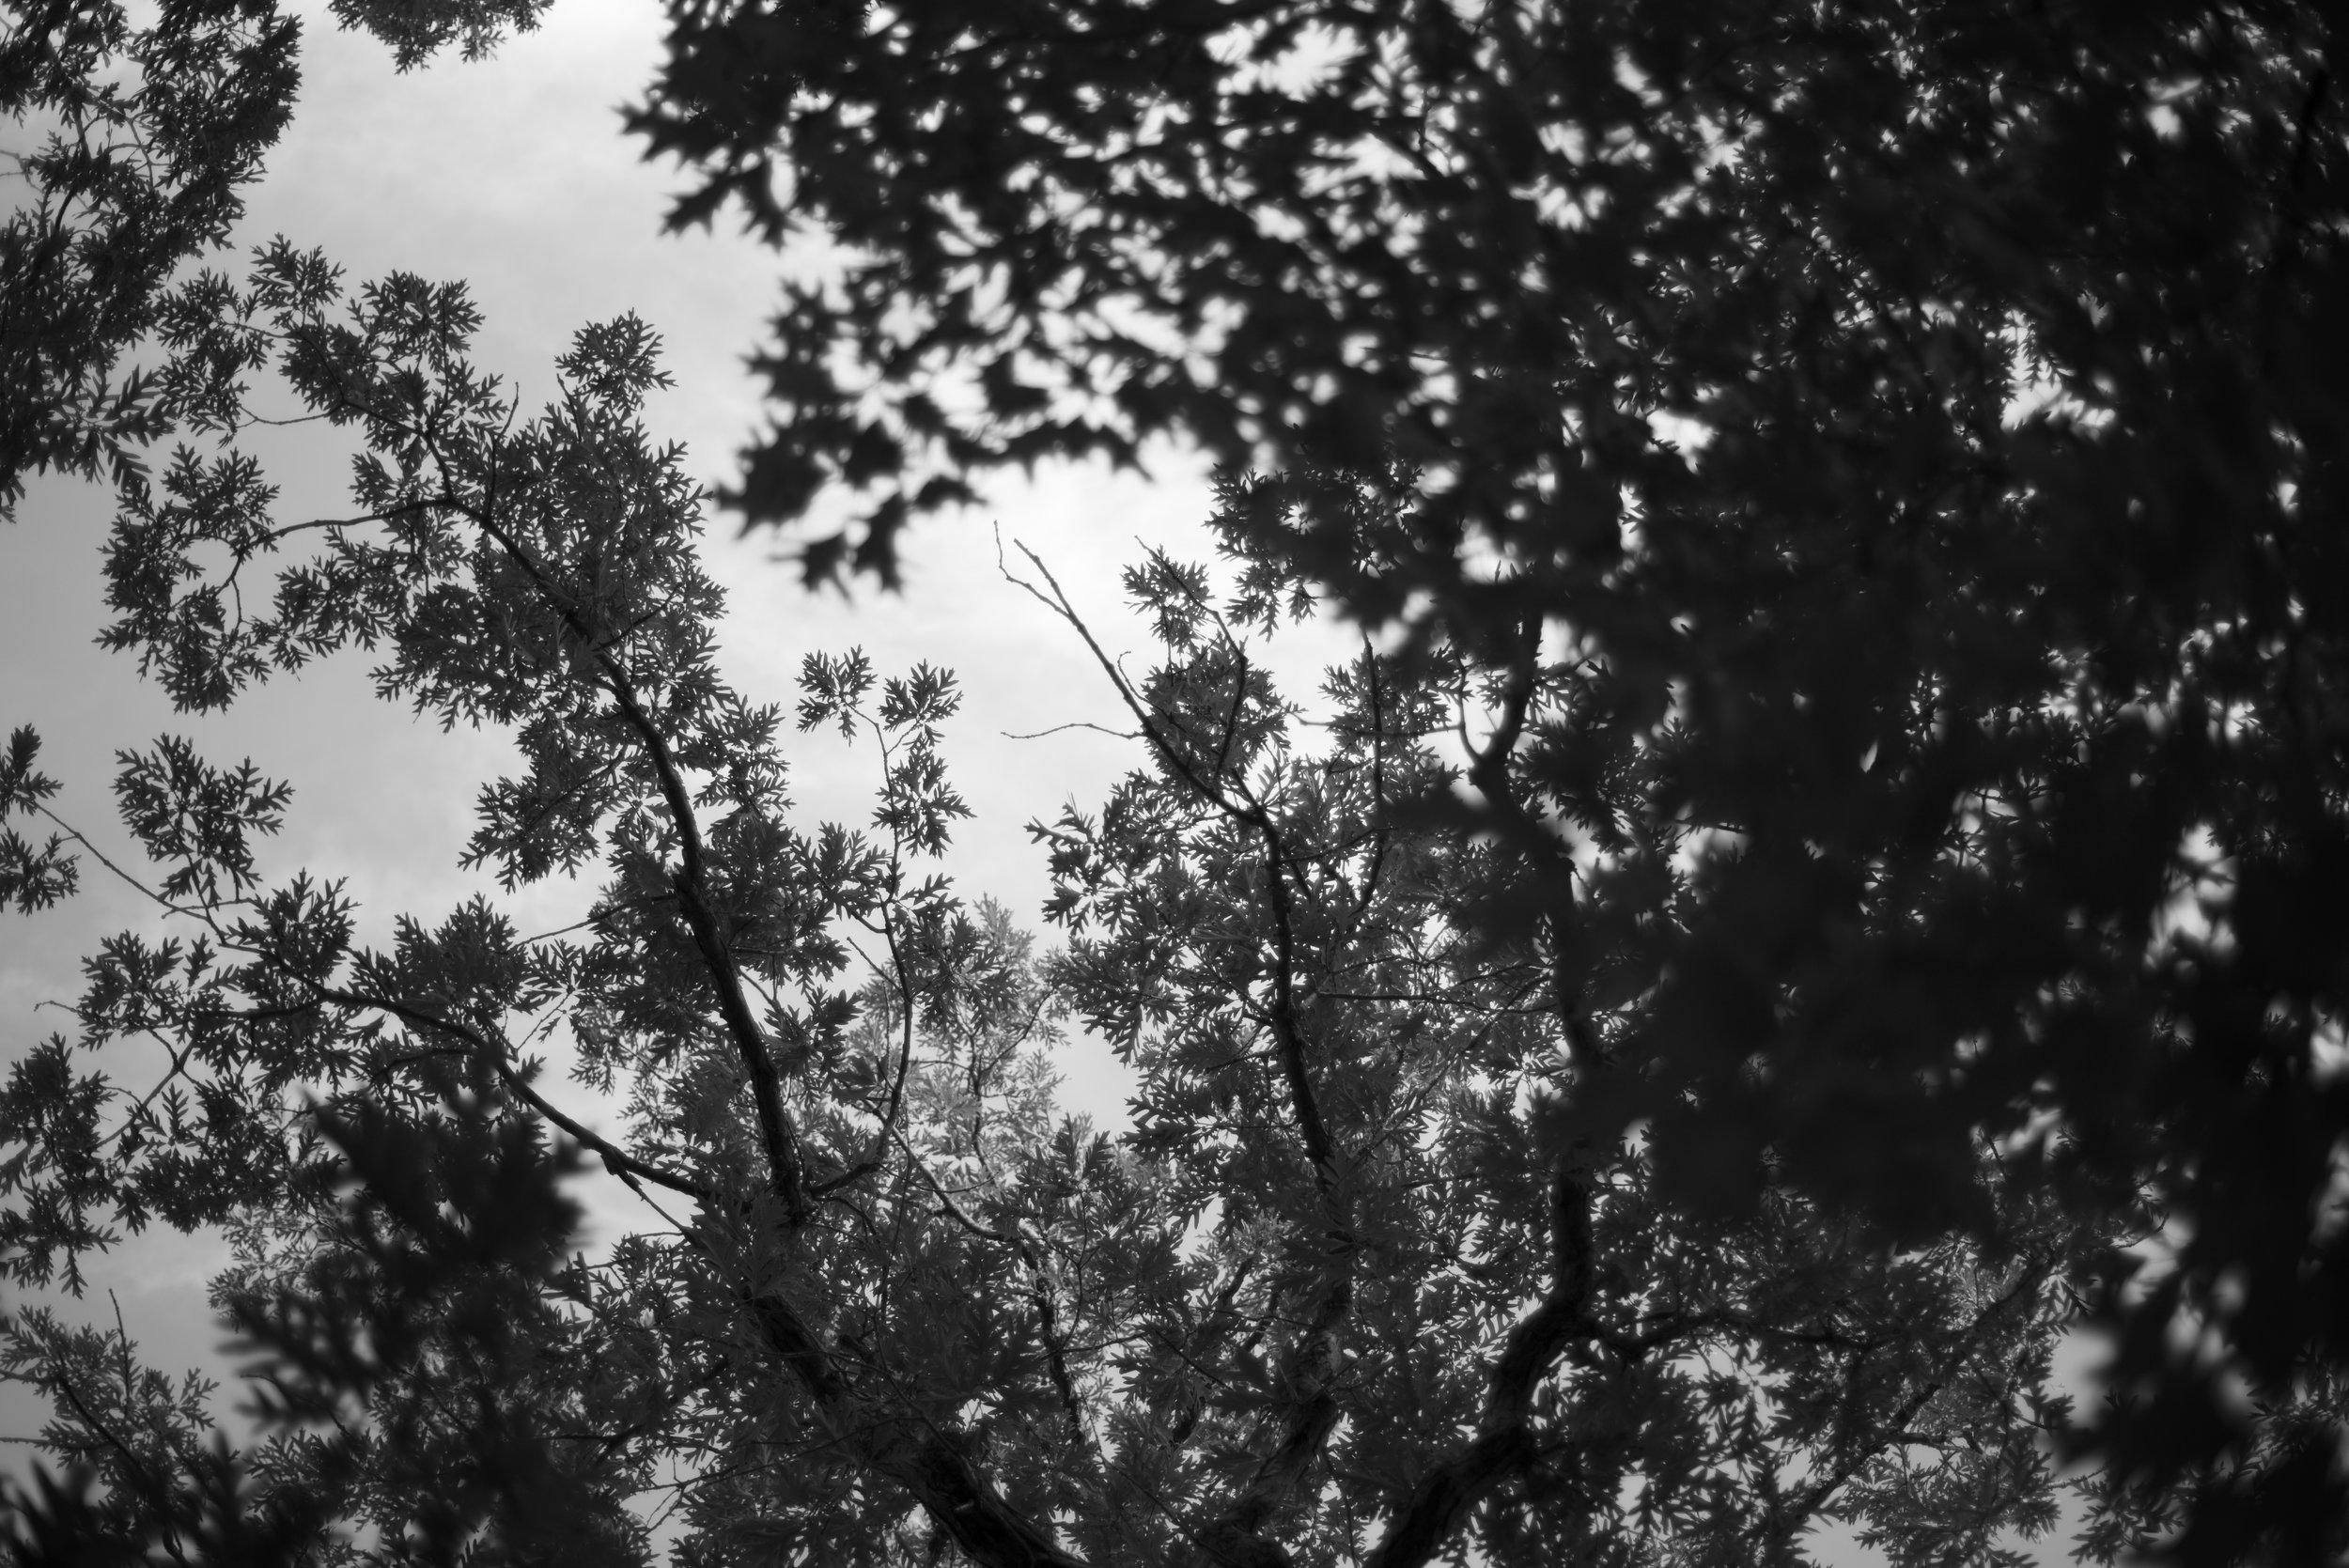 Silverwood Canopy Project_DSC6277.jpg